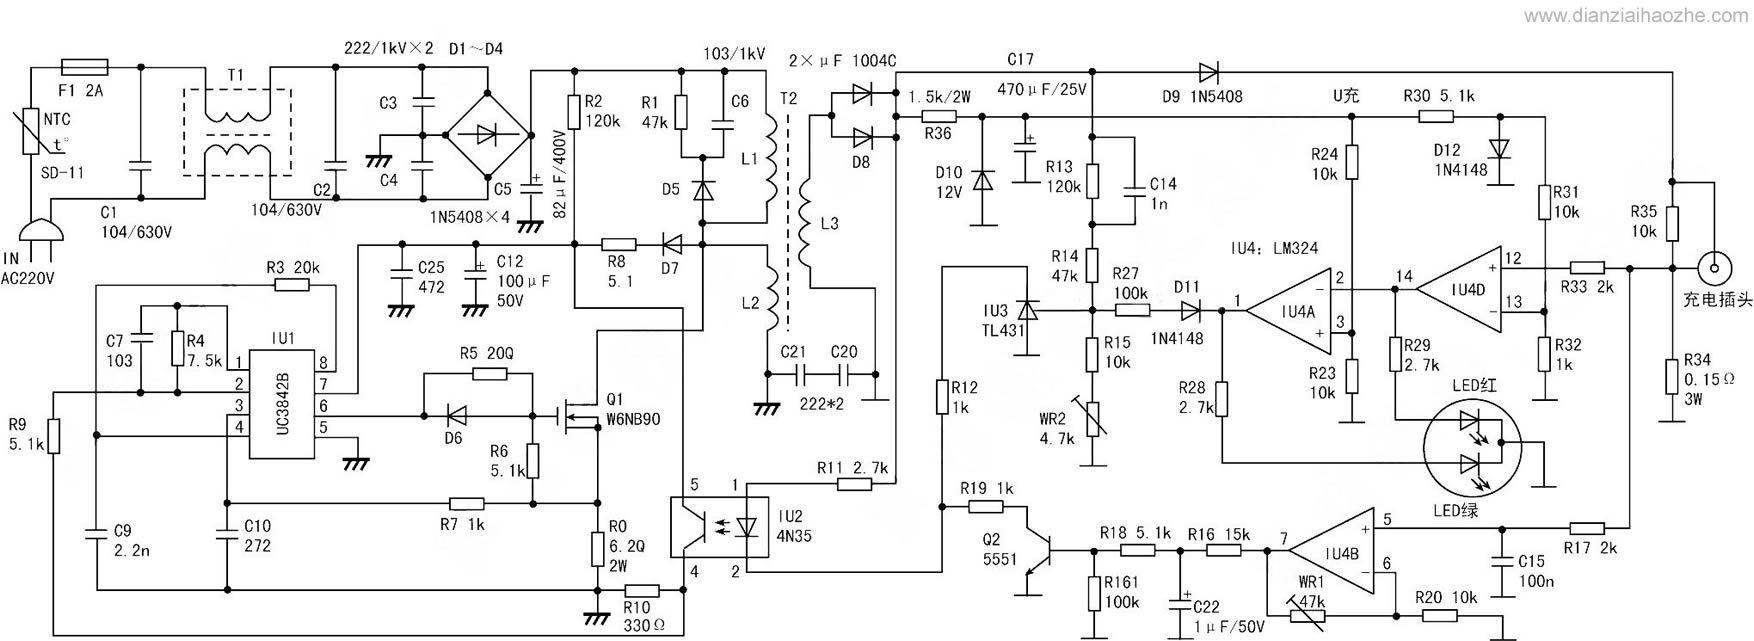 KA3842的引脚功能及作用是什么(带有芯片图)